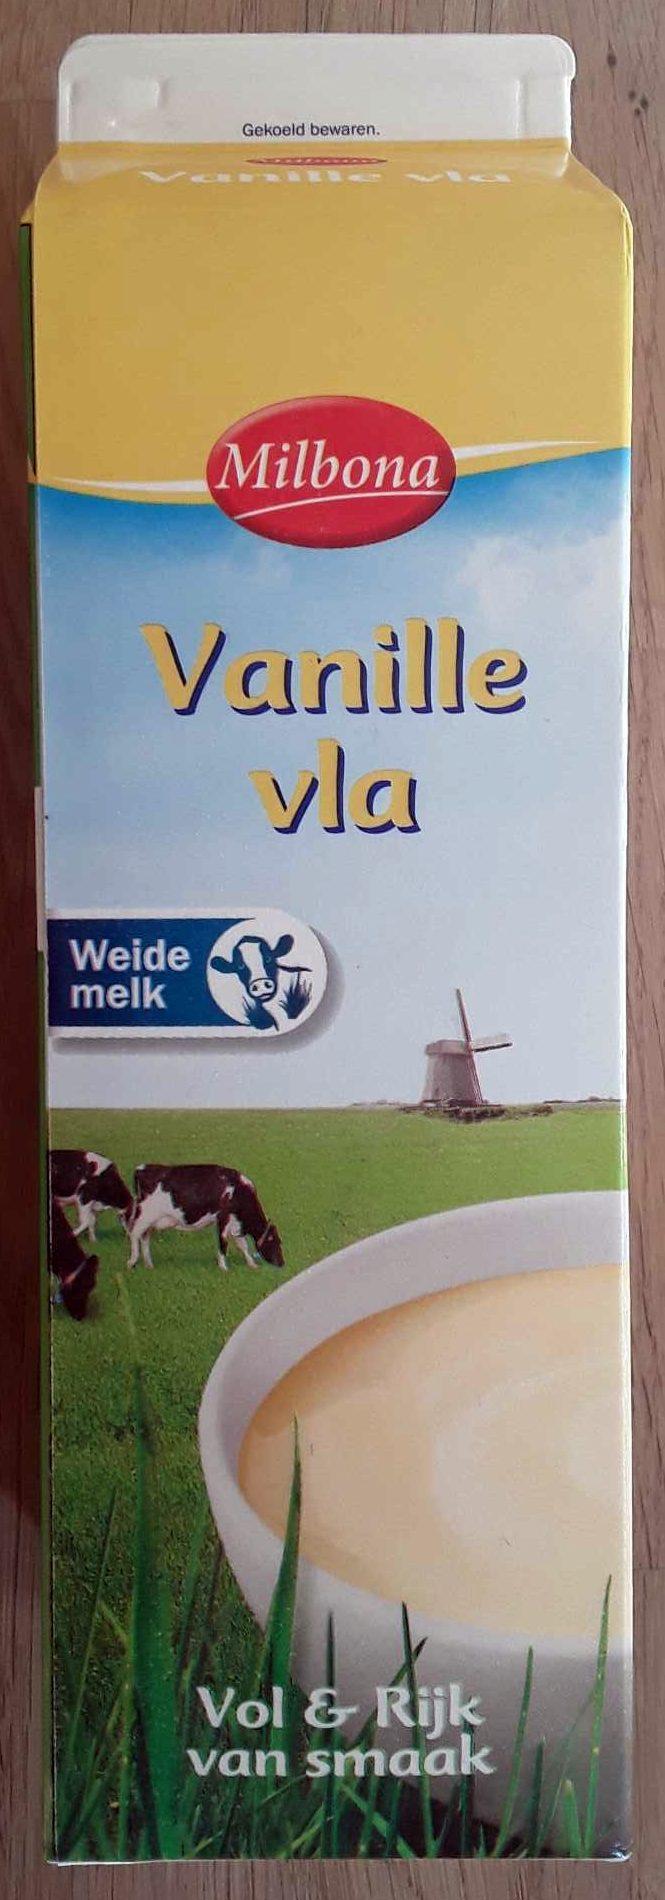 Vla met vanillesmaak - Product - nl